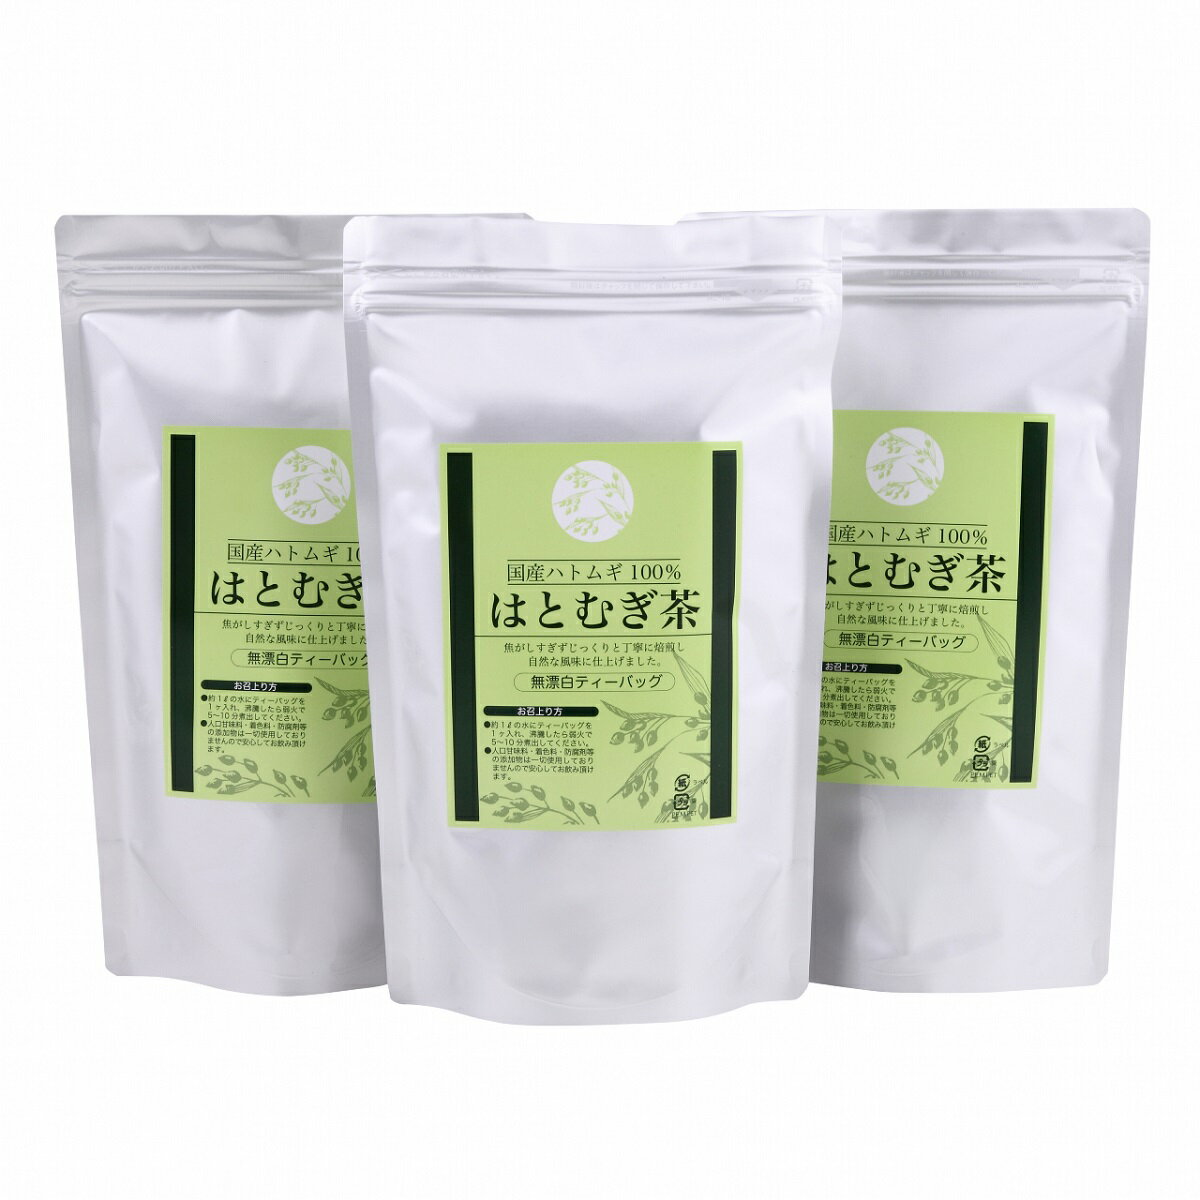 送料無料【3個セット】はとむぎ茶(30パック入り)はと麦茶【はとむぎ茶 国産 100%】(12g×30包入り)